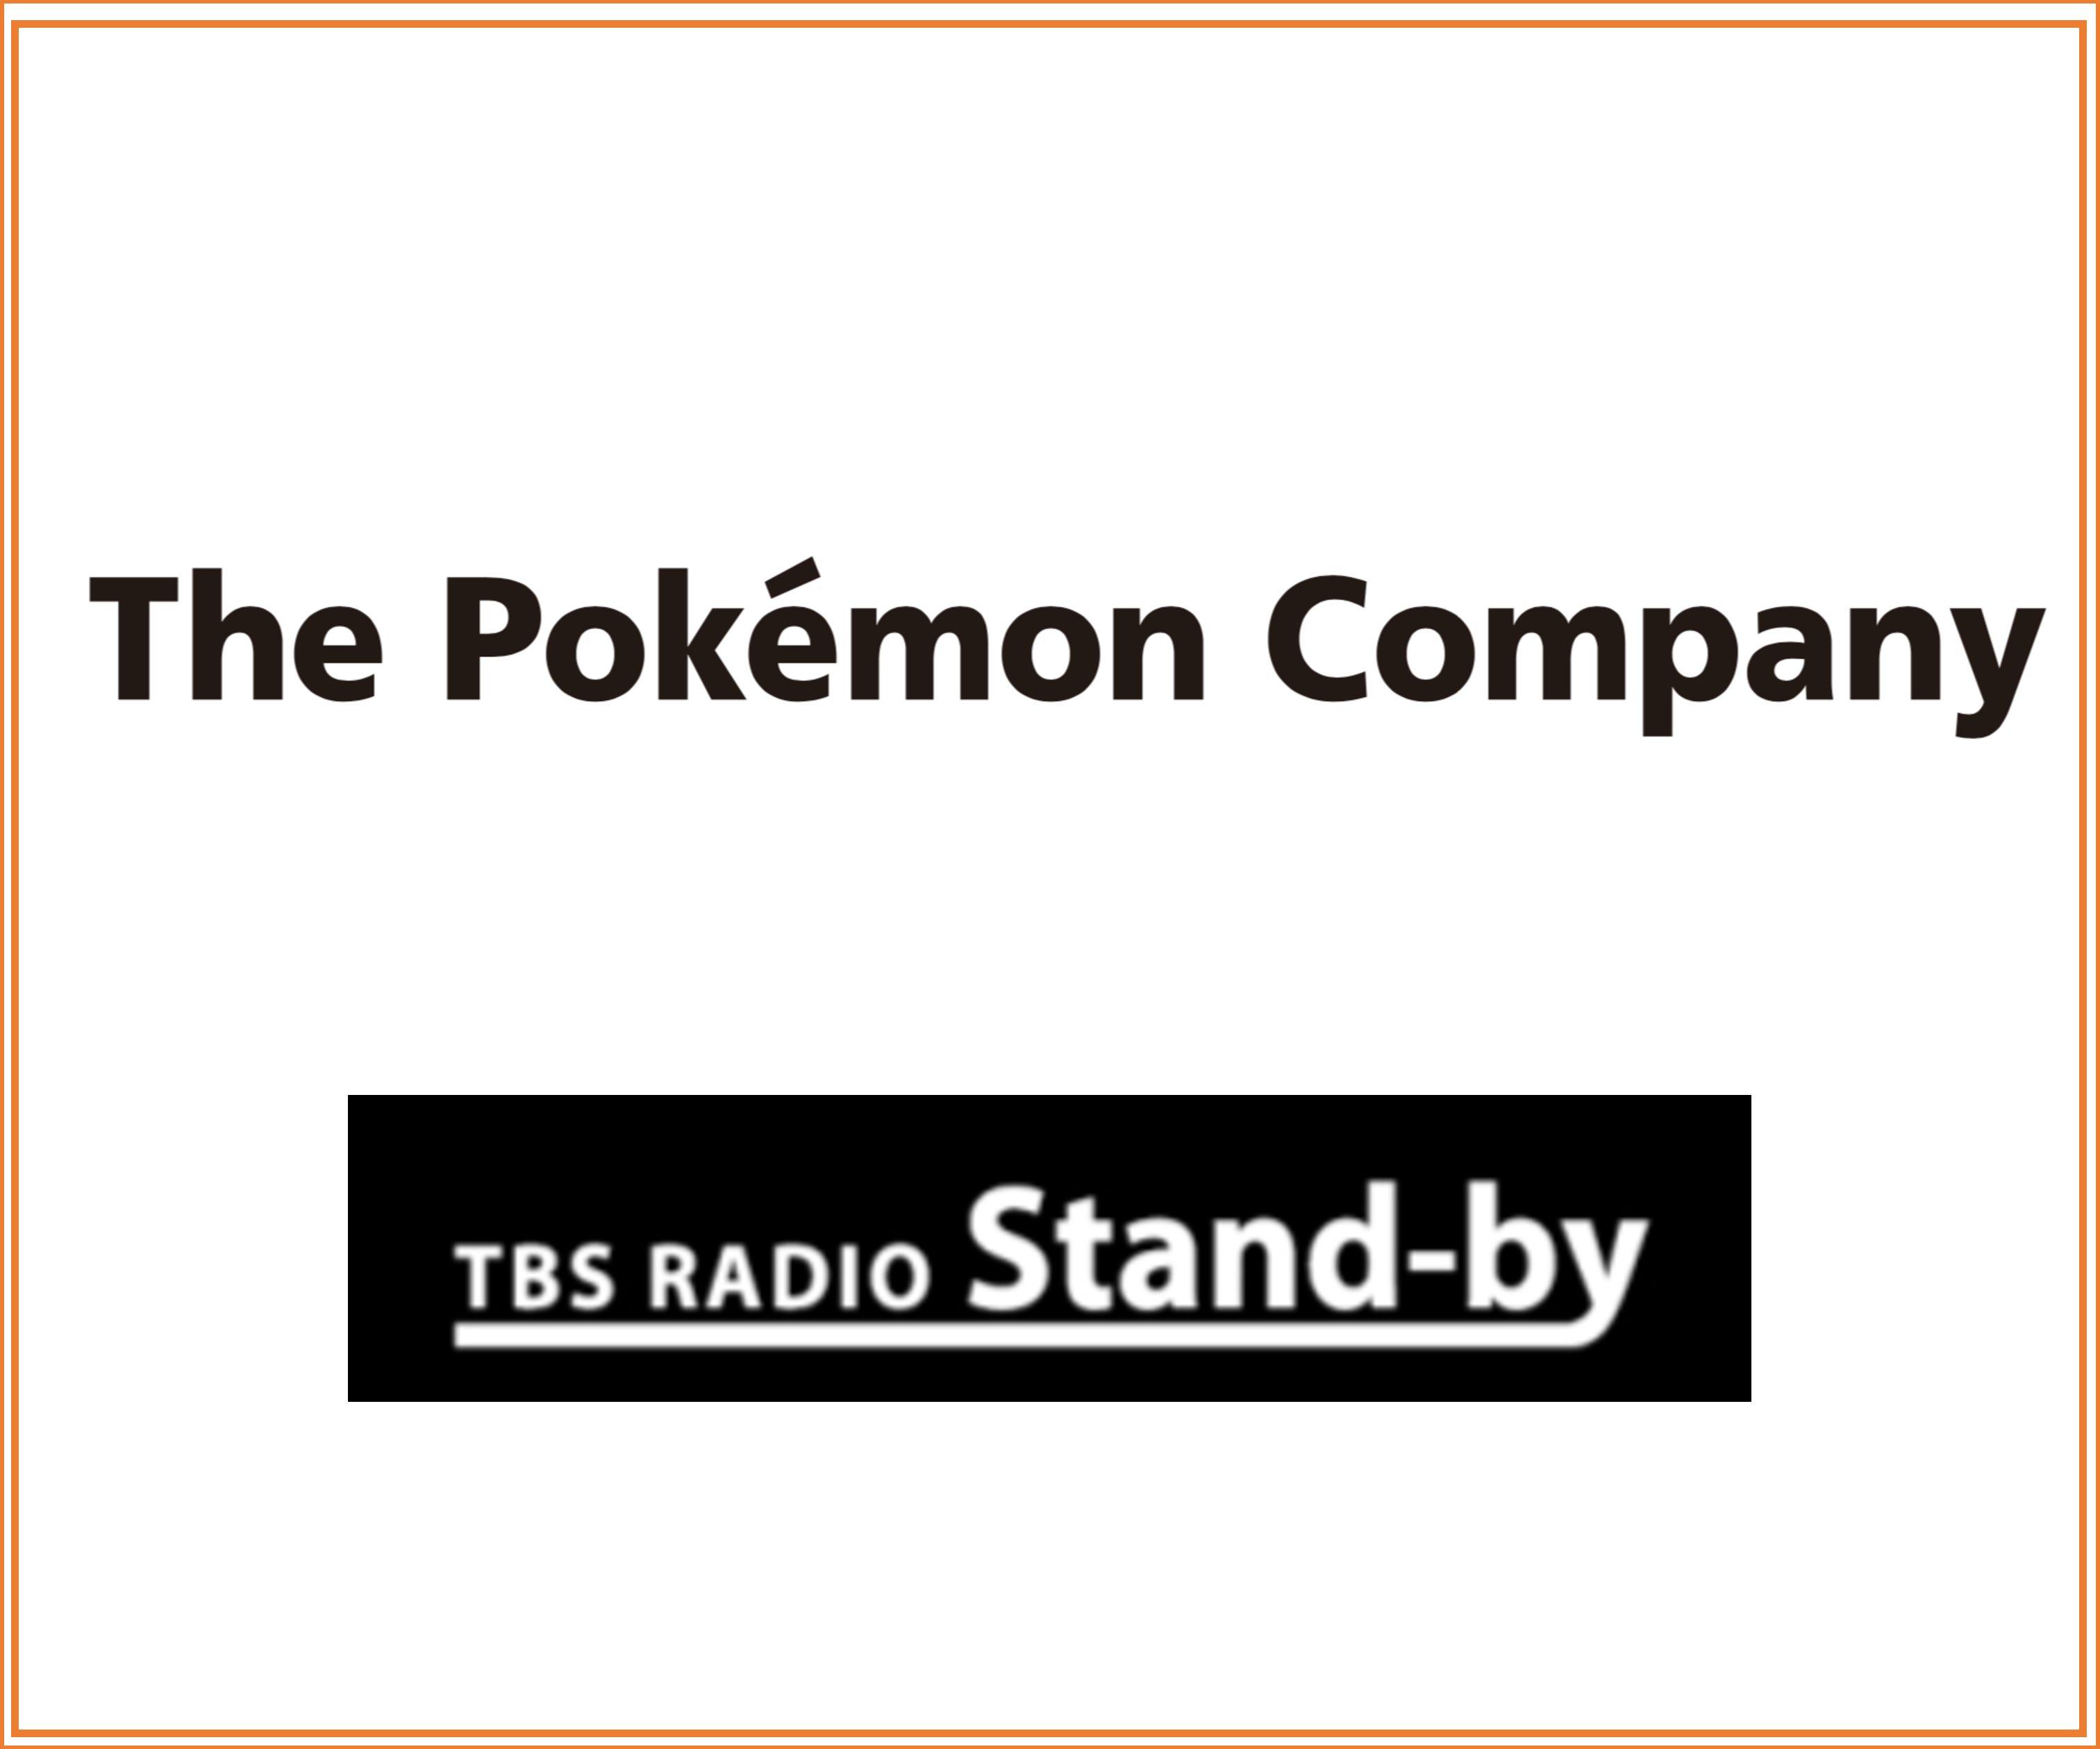 「森本毅郎・スタンバイ!」放送30年トークセミナー『ポケモンでわかる!企画に役立つヒット術 』開催